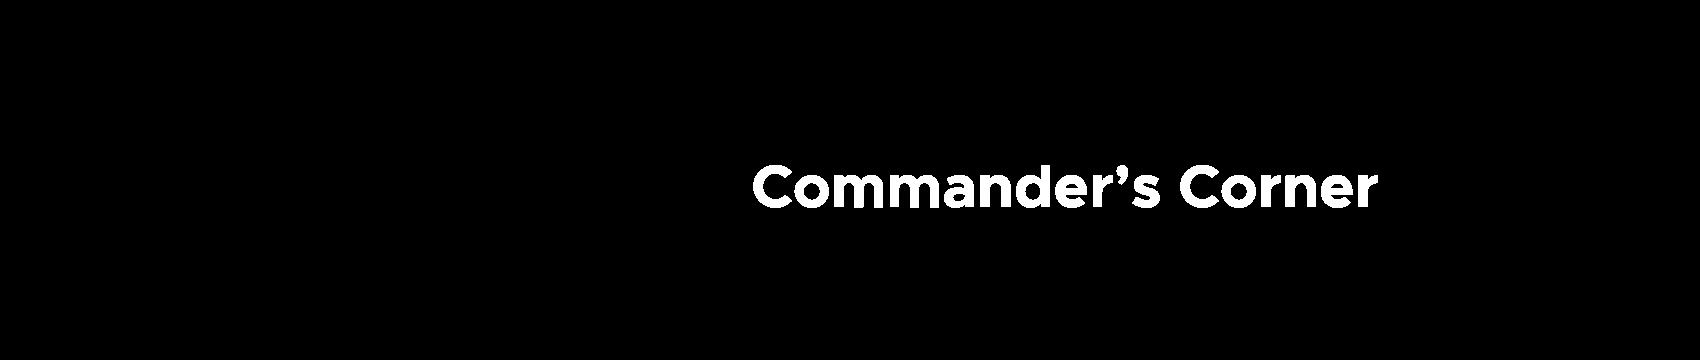 Commander's Corner - Deployment